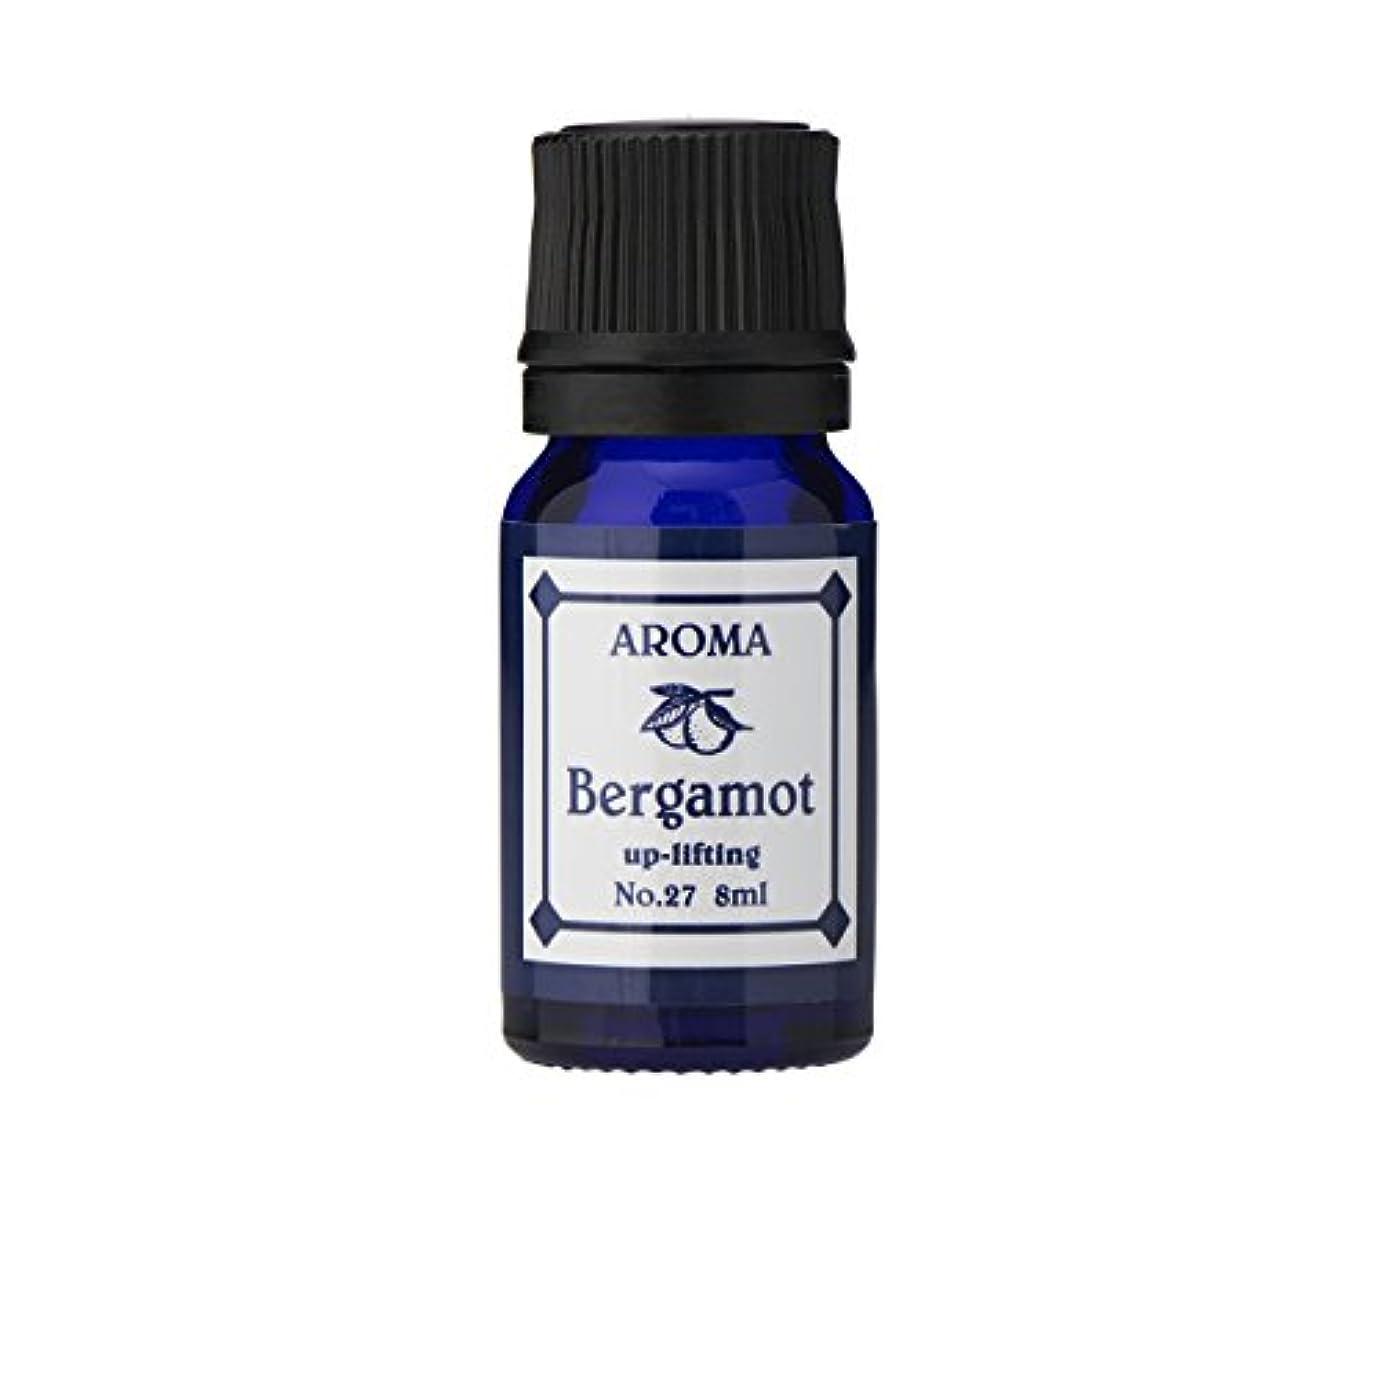 ビリーフラップ北西ブルーラベル アロマエッセンス8ml ベルガモット(アロマオイル 調合香料 芳香用)